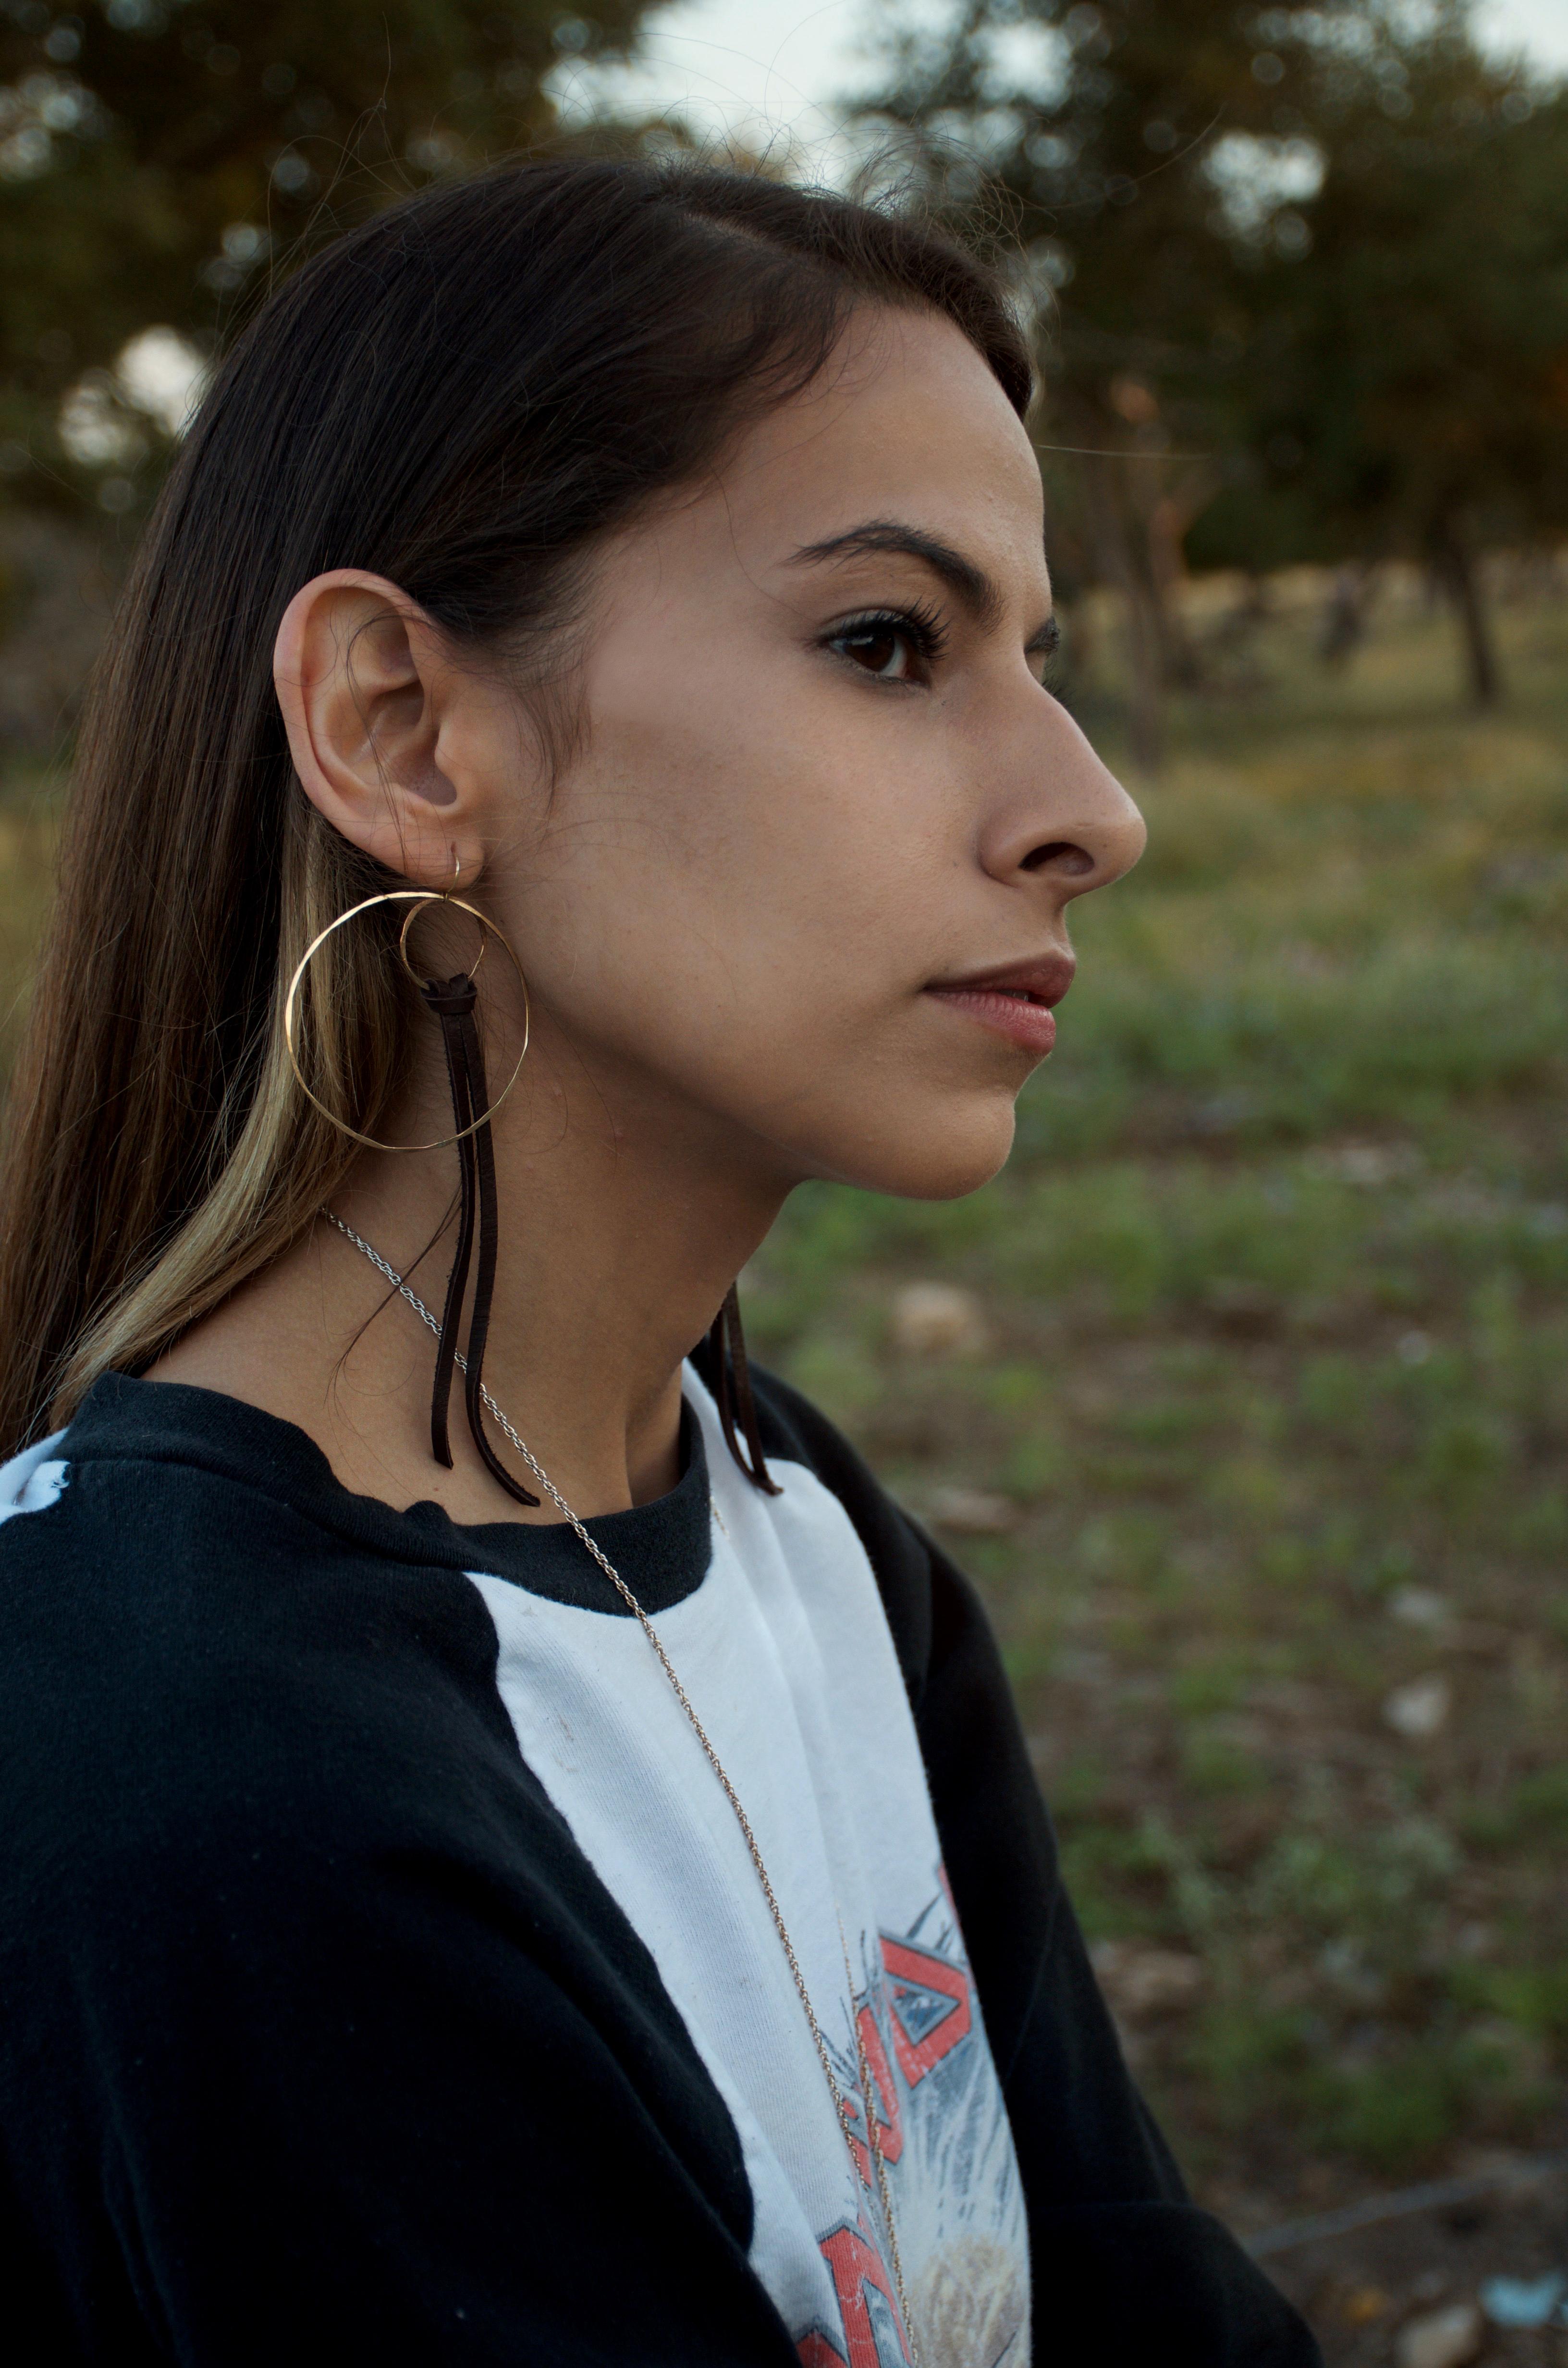 Earringg